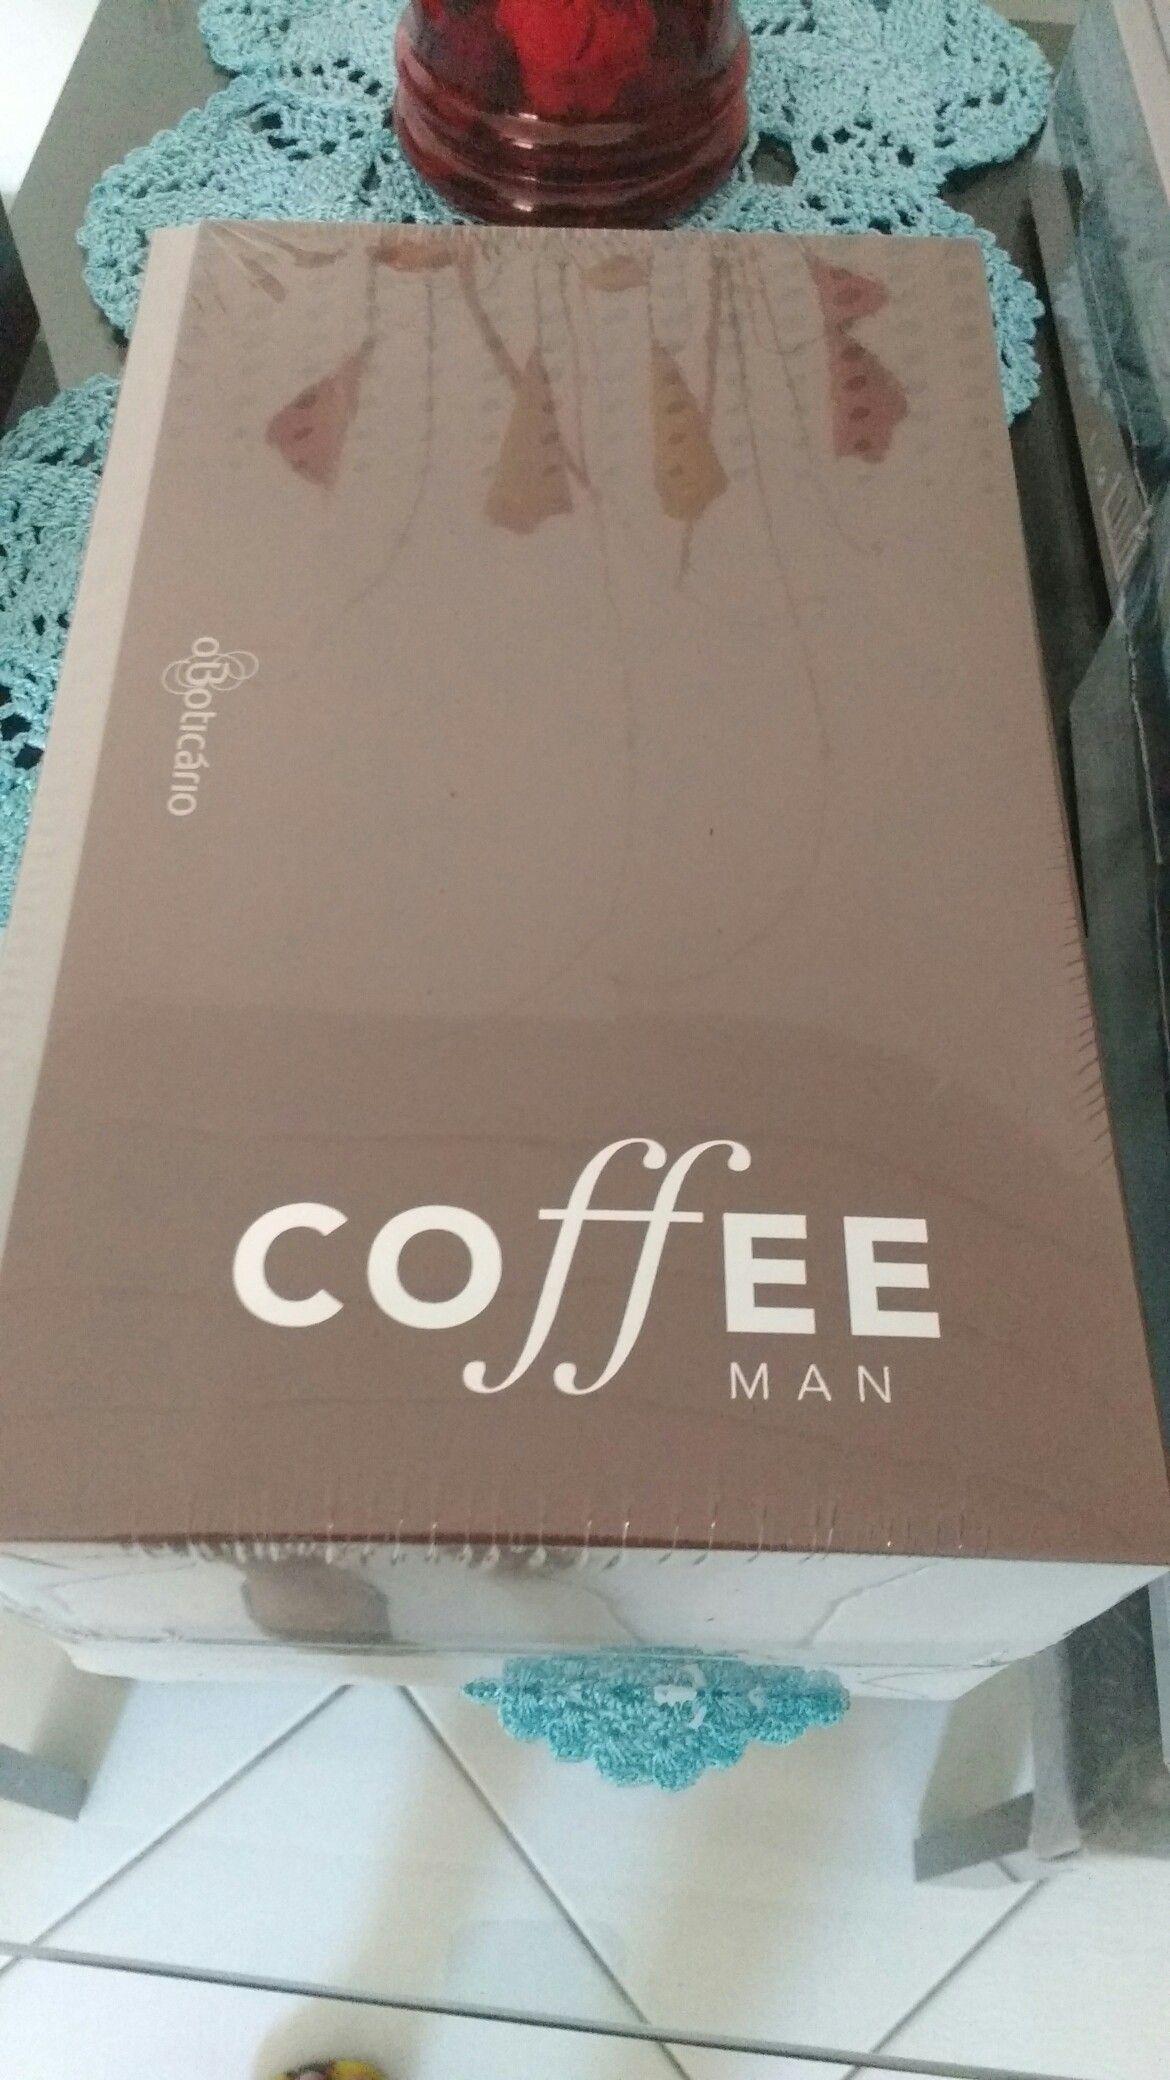 Kit coffee man